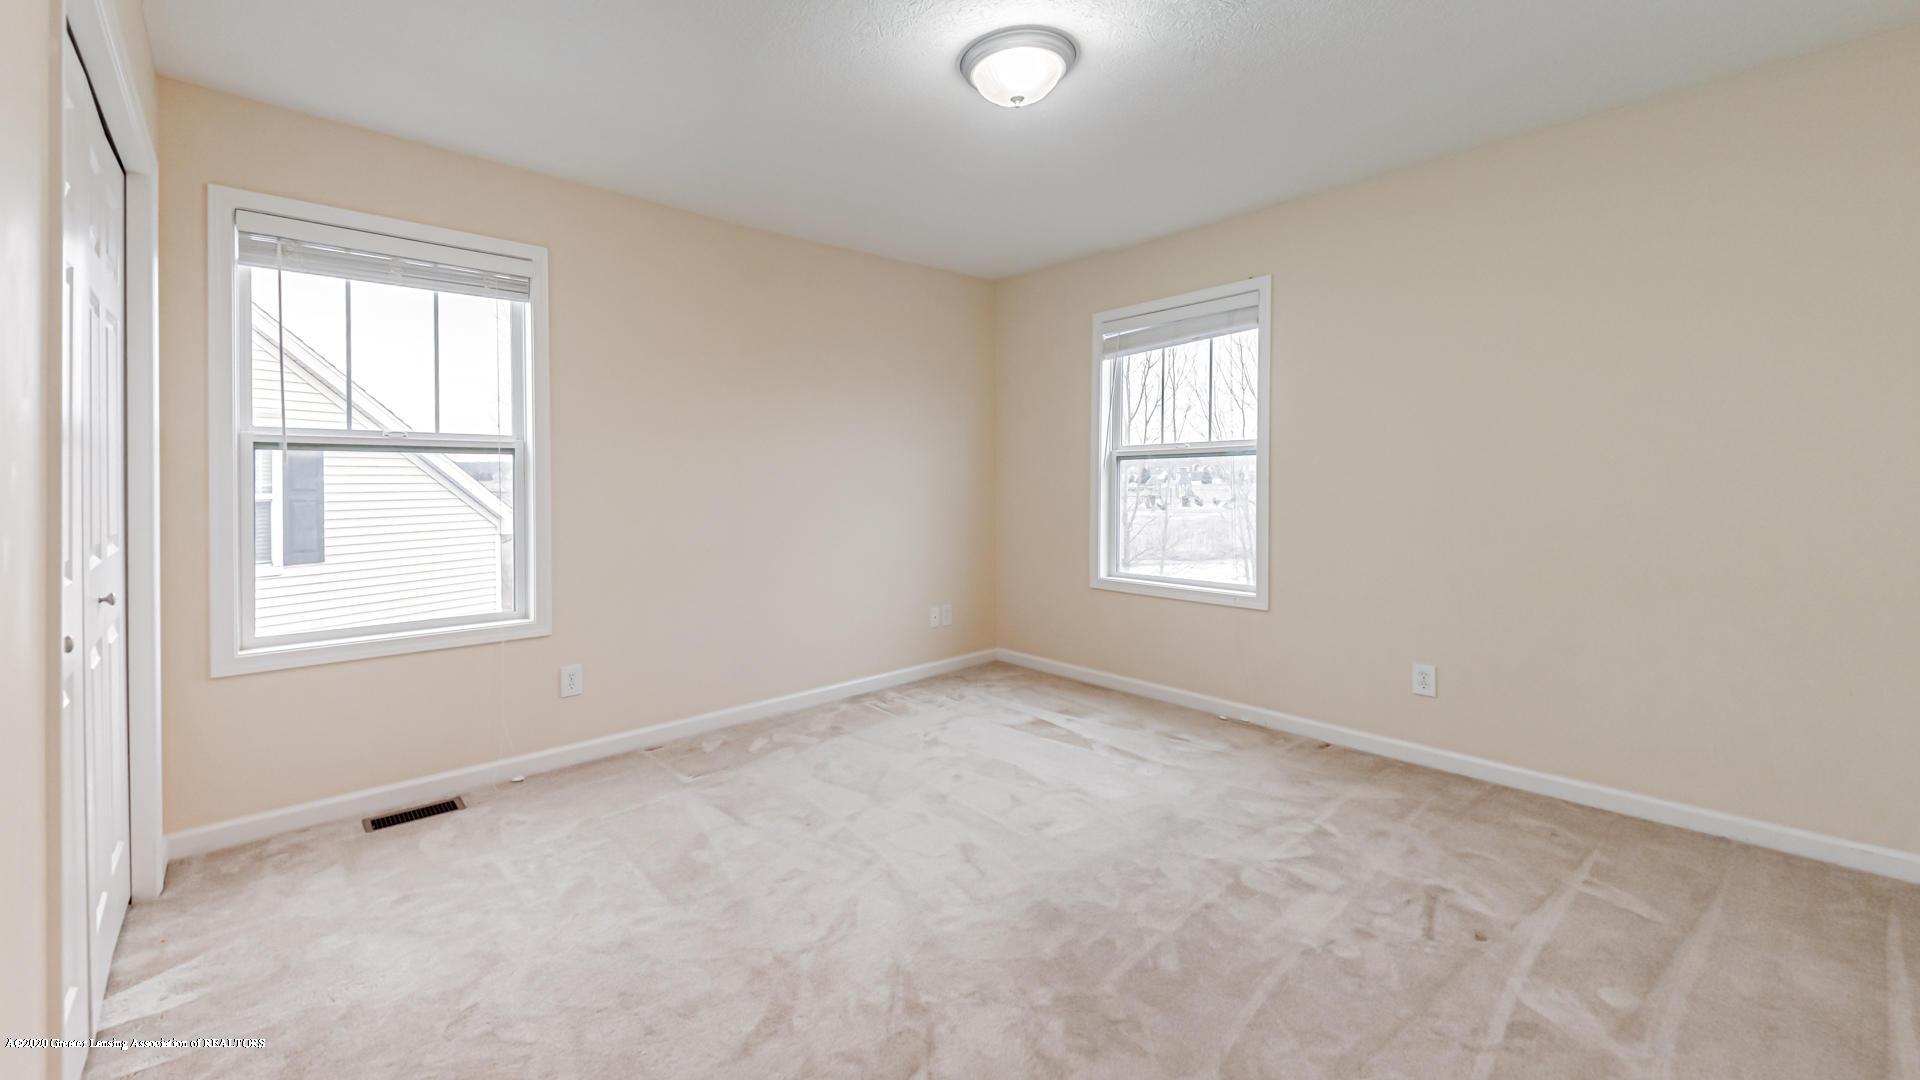 3612 Shearwater Ln - Bedroom - 20